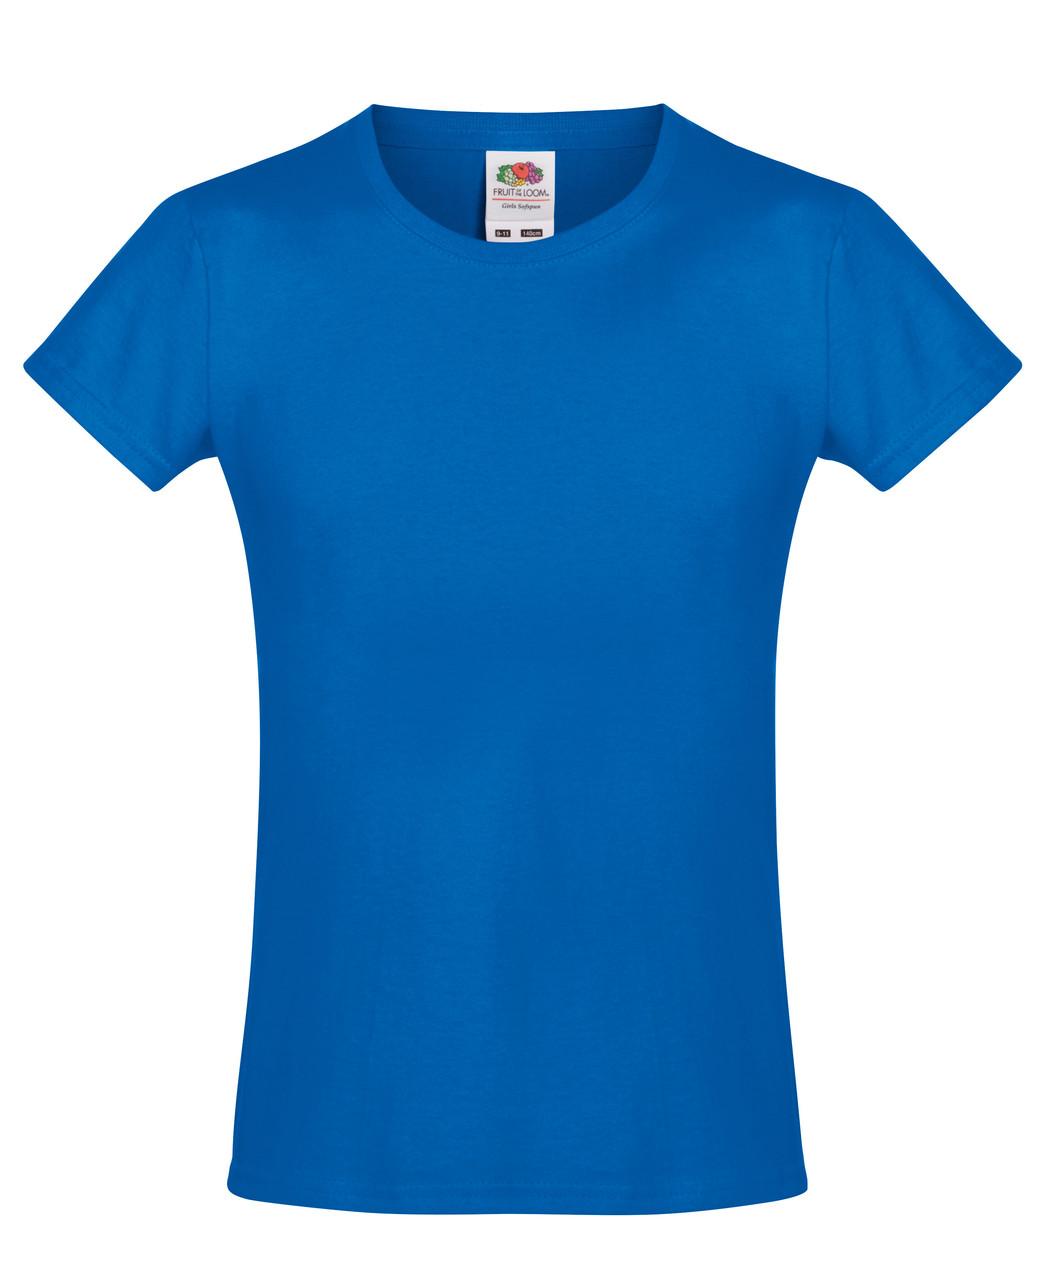 Детская футболка Мягкая для Девочек Ярко-синяя Fruit of the loom 61-017-51 5-6